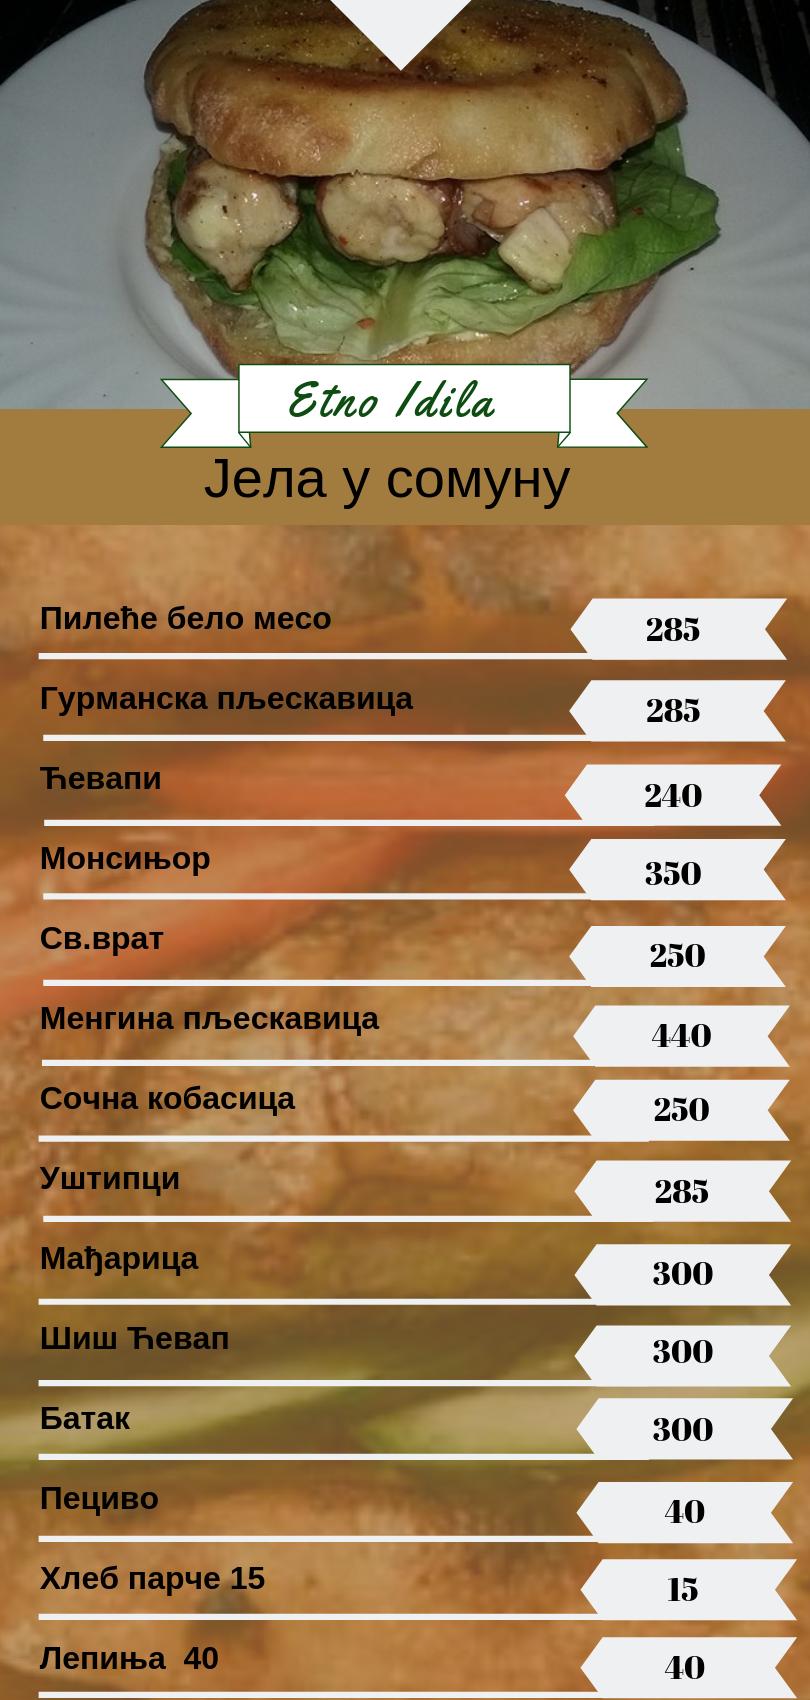 etno idila hrana